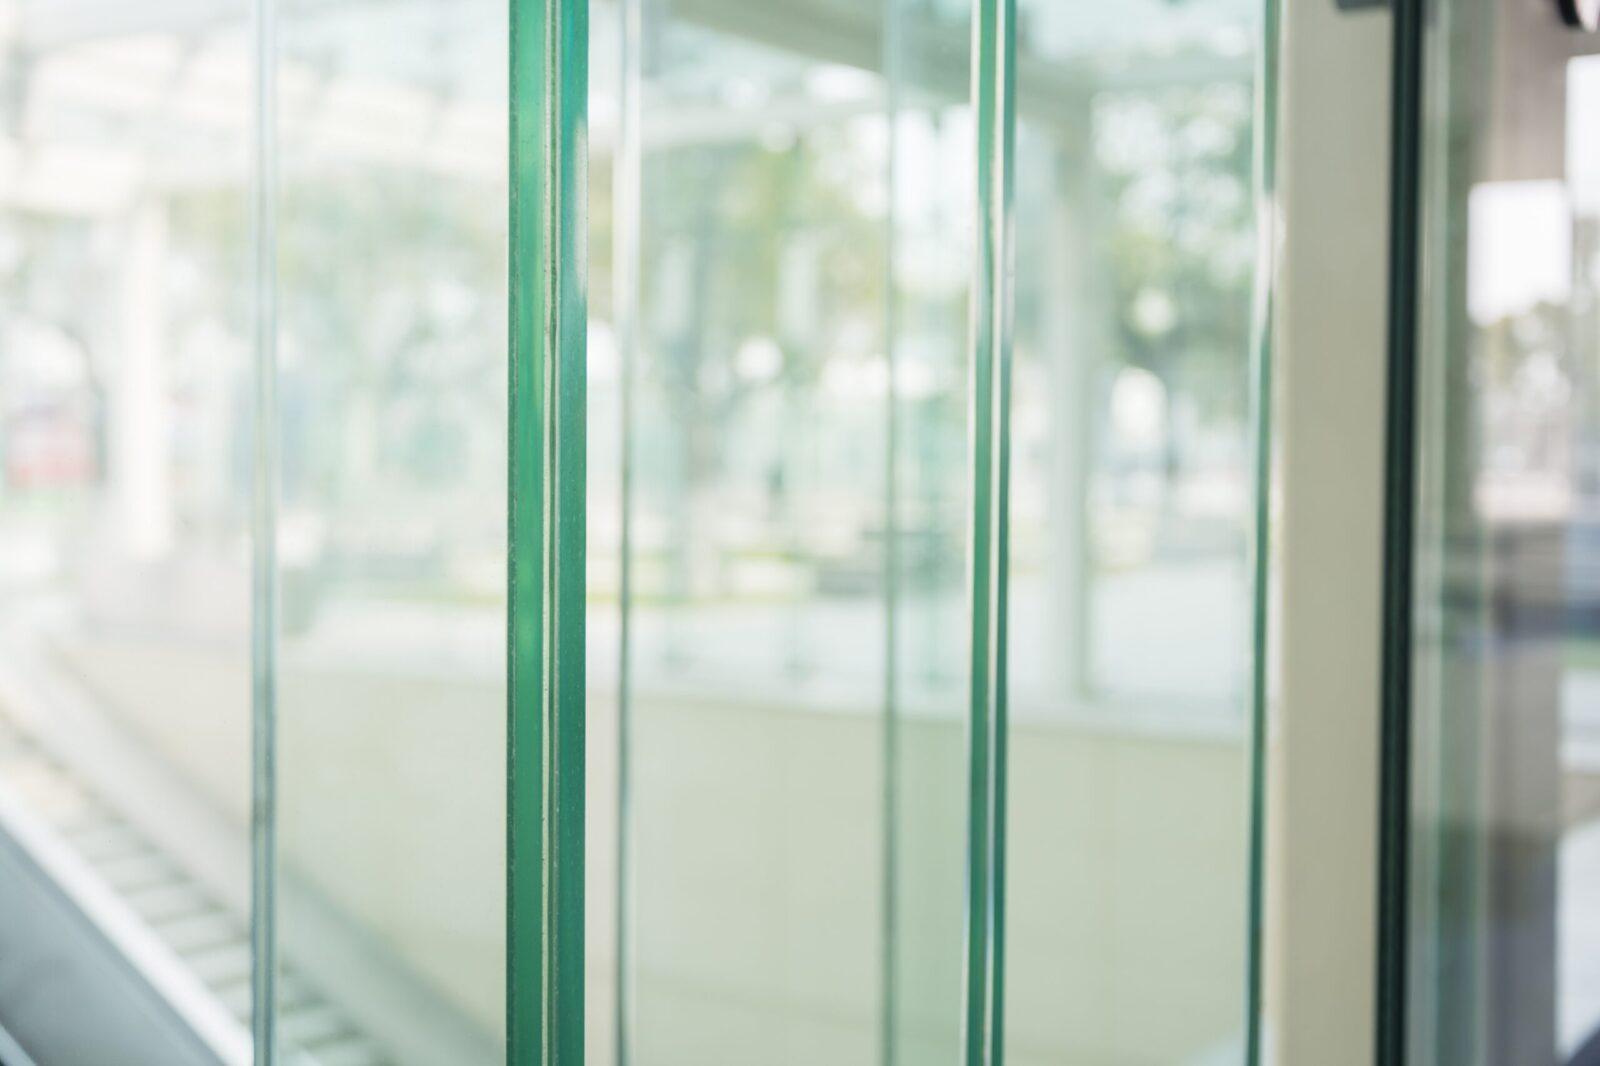 Przesuwne drzwi szklane w pomieszczeniach